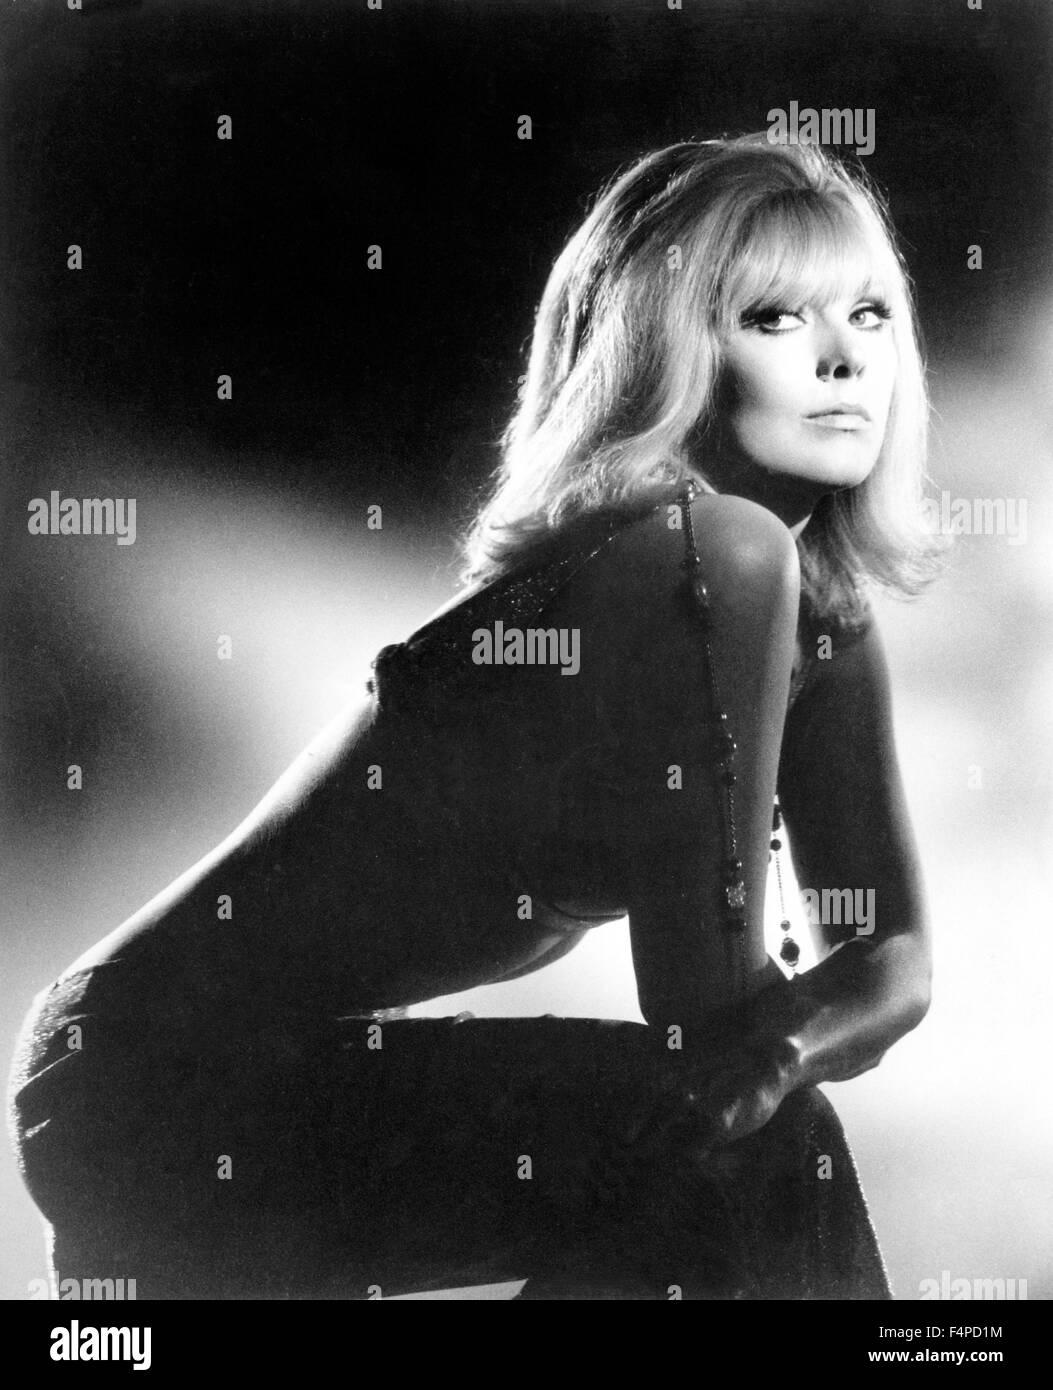 Kim Novak / The Legend Of Lylah Clare 1968 unter der Regie von Robert Aldrich Stockbild